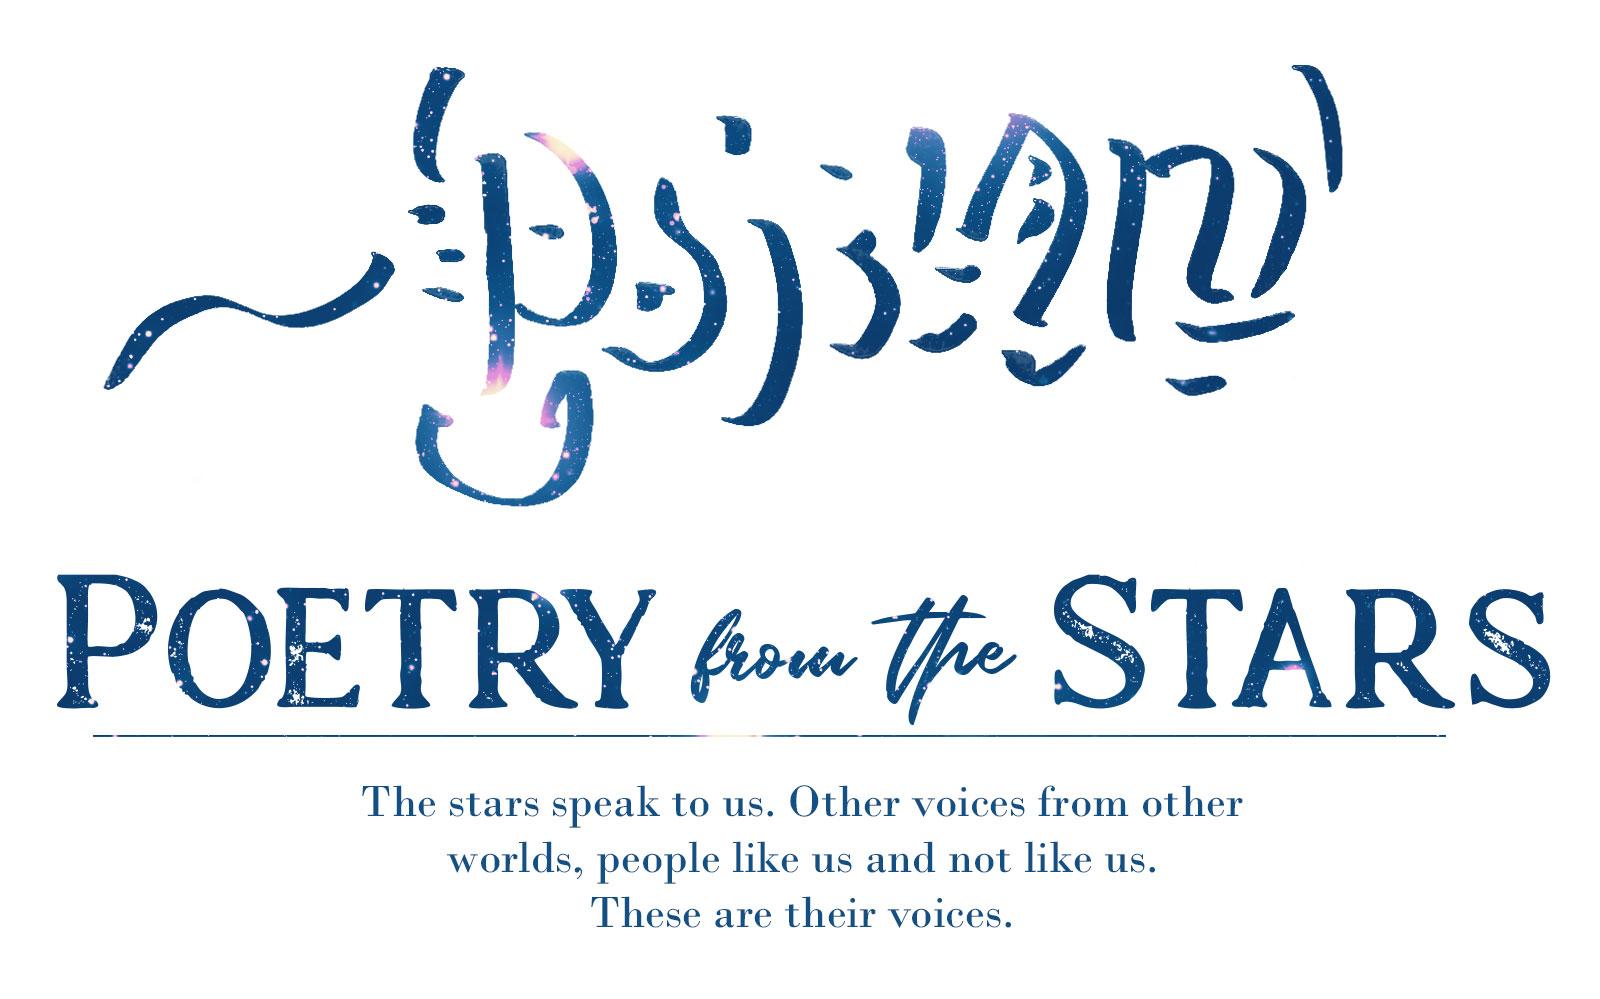 Poetryfromthestarsbanner